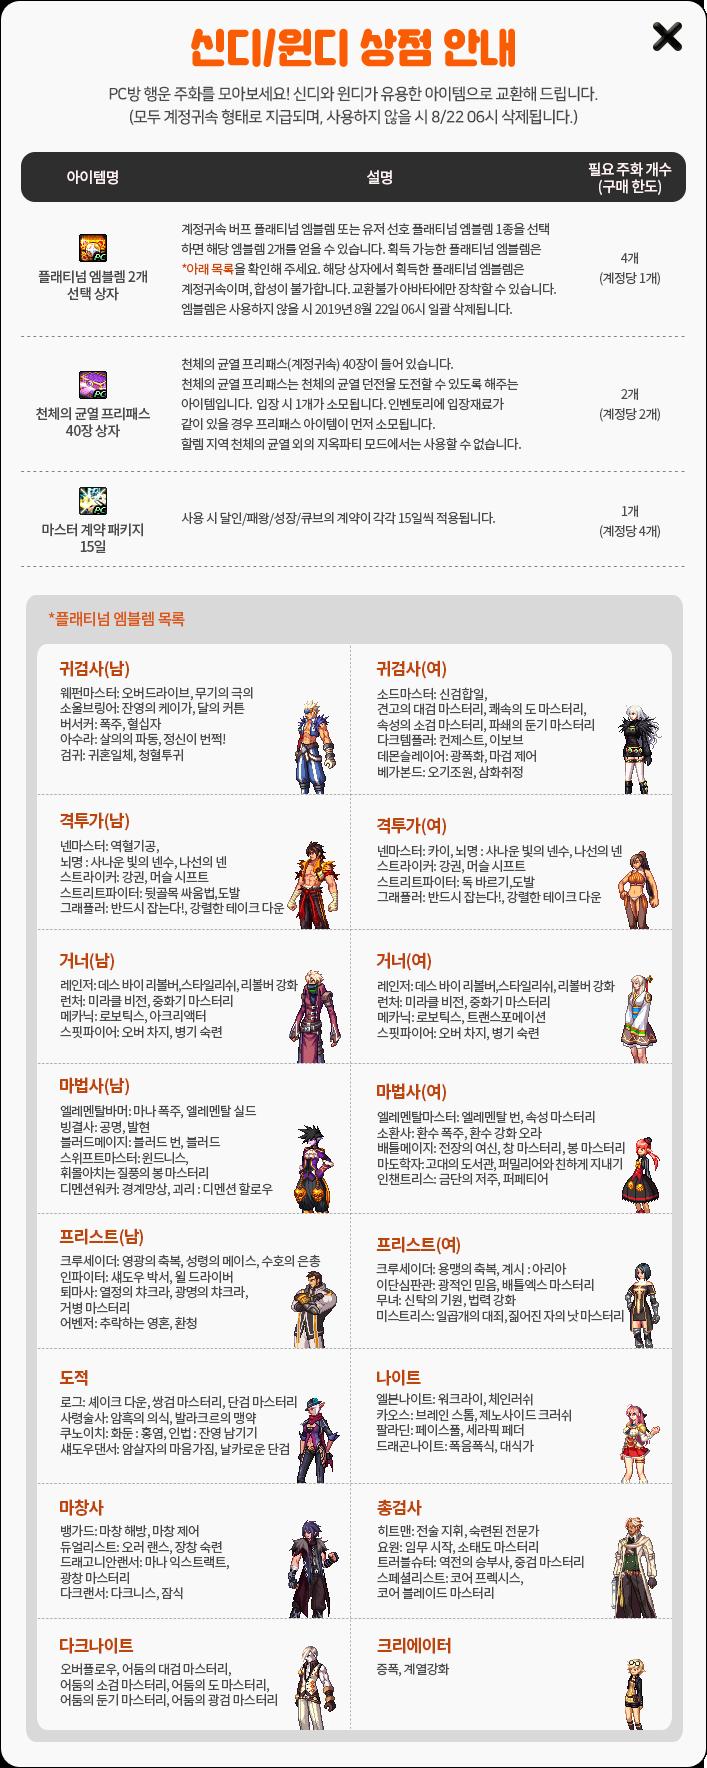 신디/윈디 상점